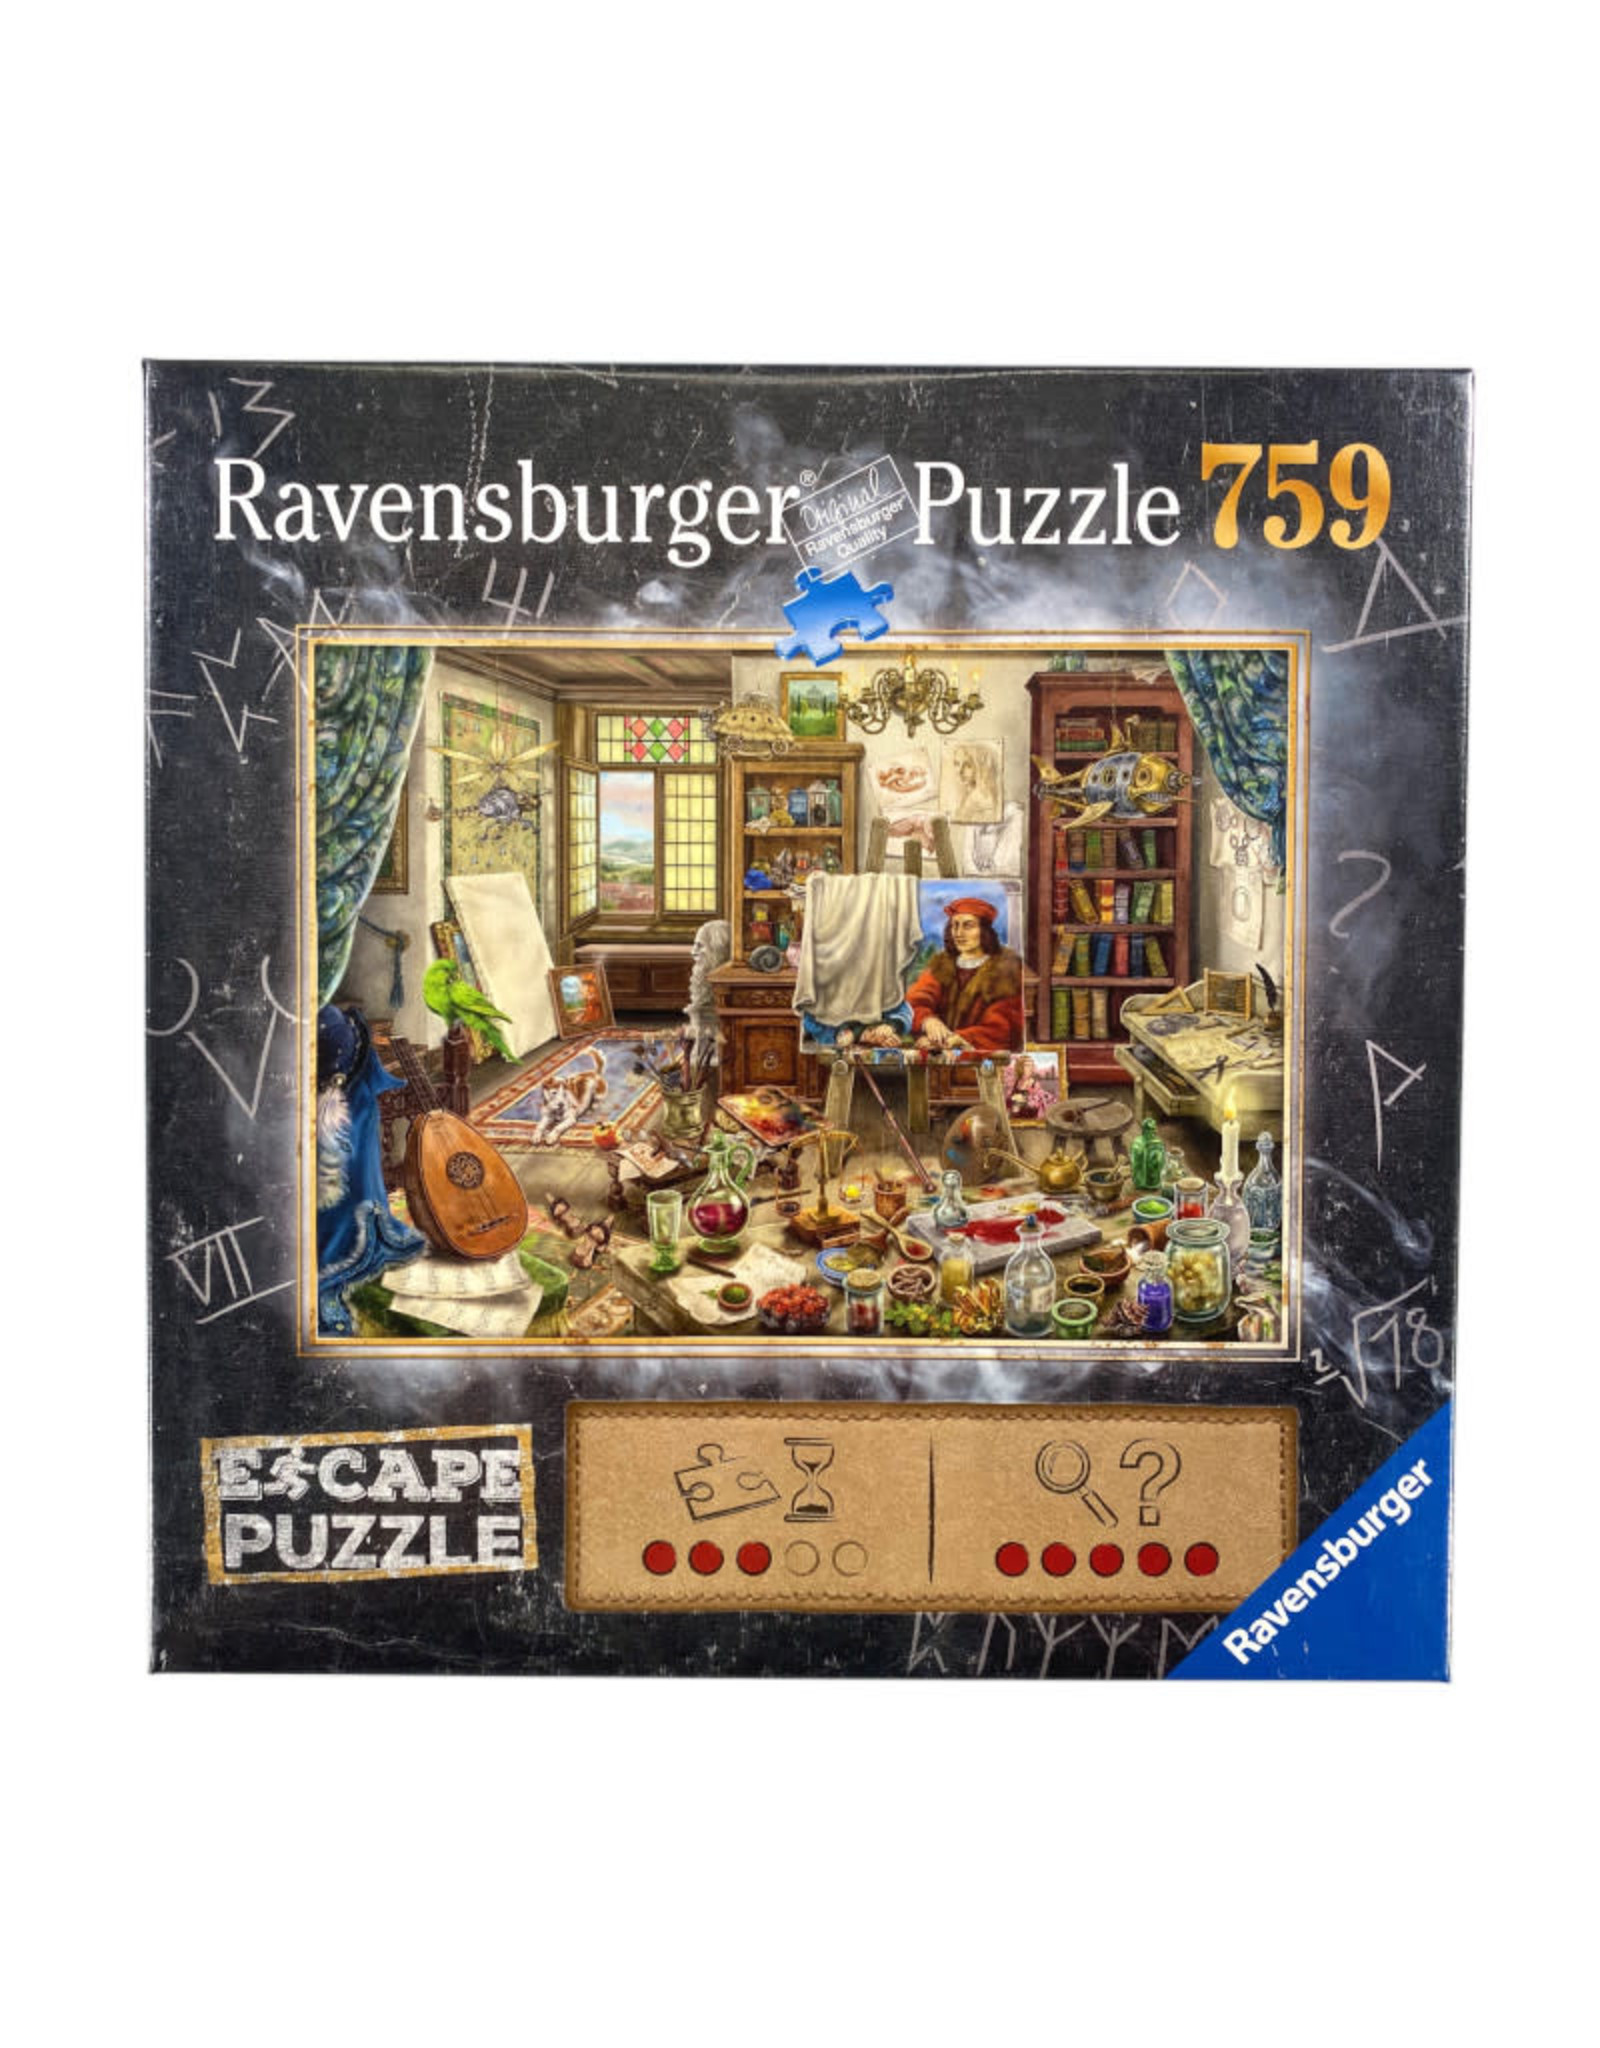 Ravensburger Artist's Studio Escape Puzzle 759 PCS